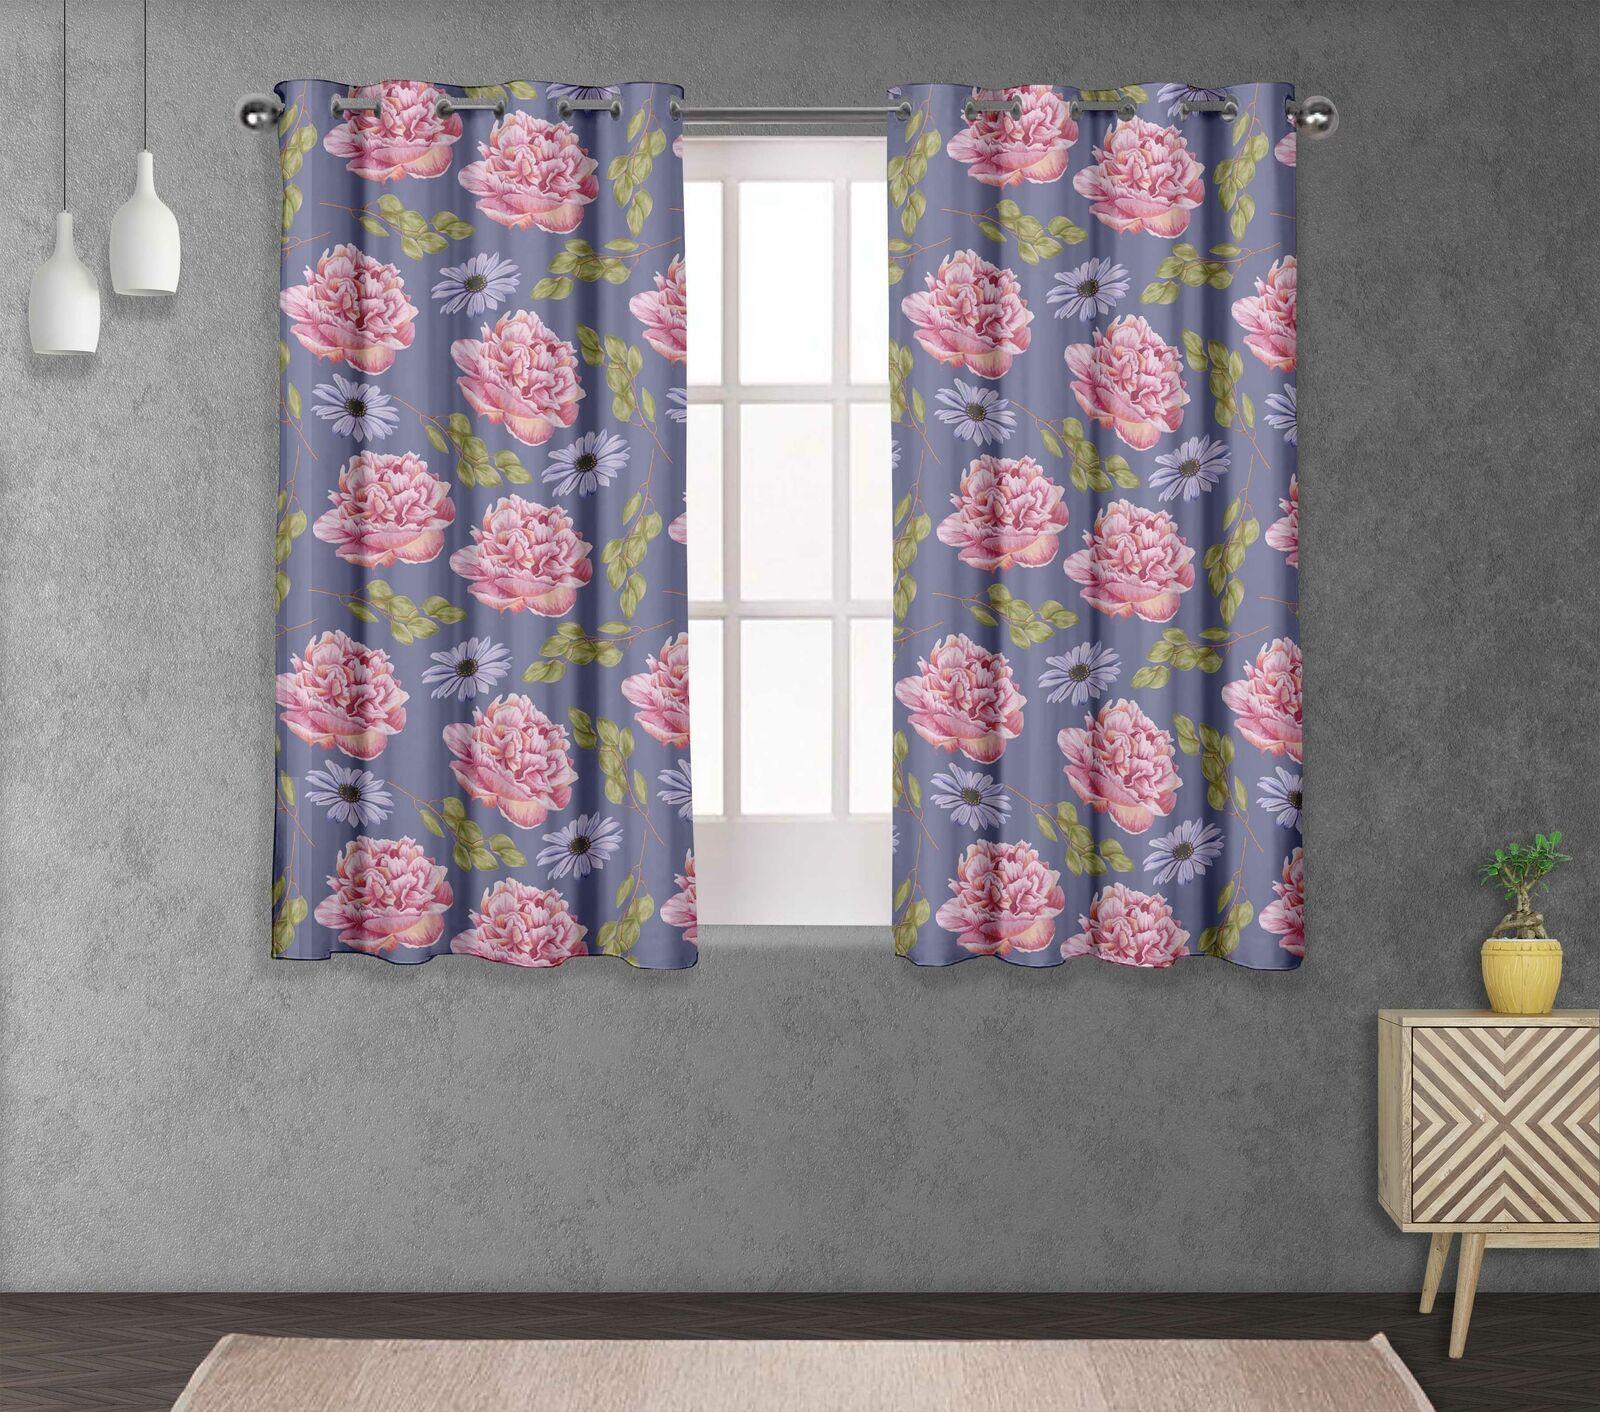 S4sassy Carnation & Daisy Living Room Eyelet Curtain Drapers -FL-857A